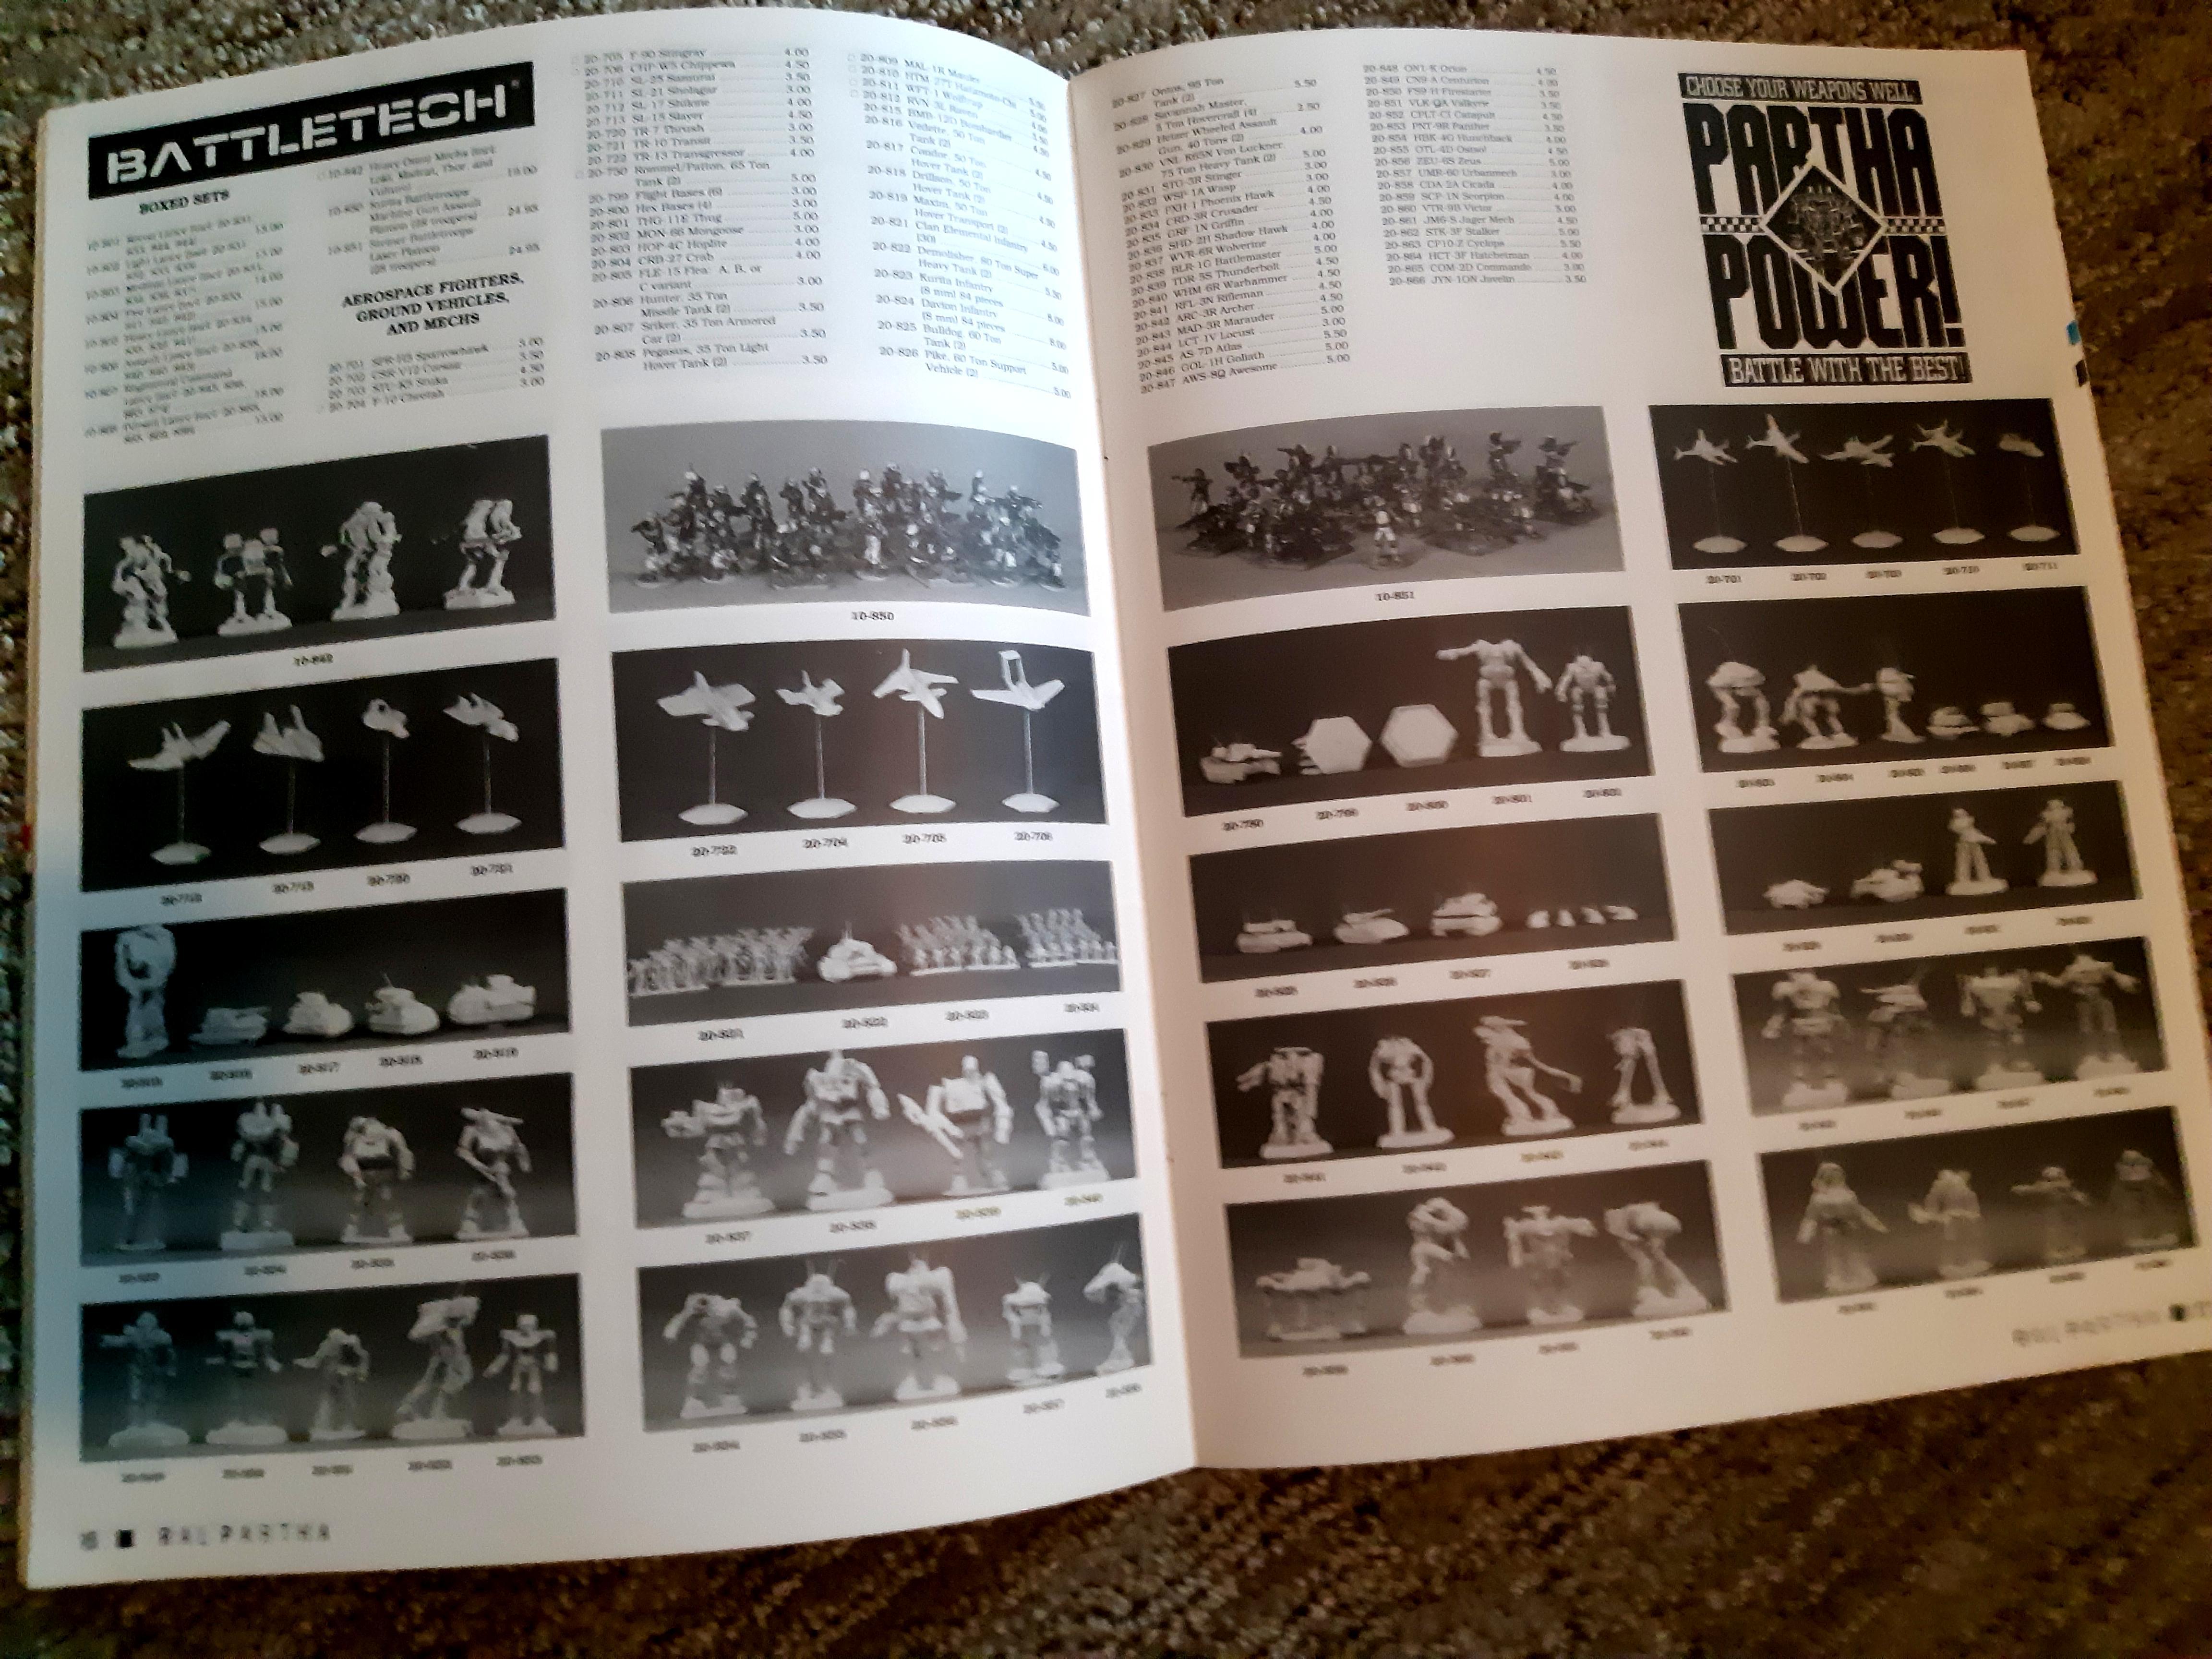 Battlemech, Battletech, Catalog, Fasa, Lead, Mech, Metal, Ral Partha